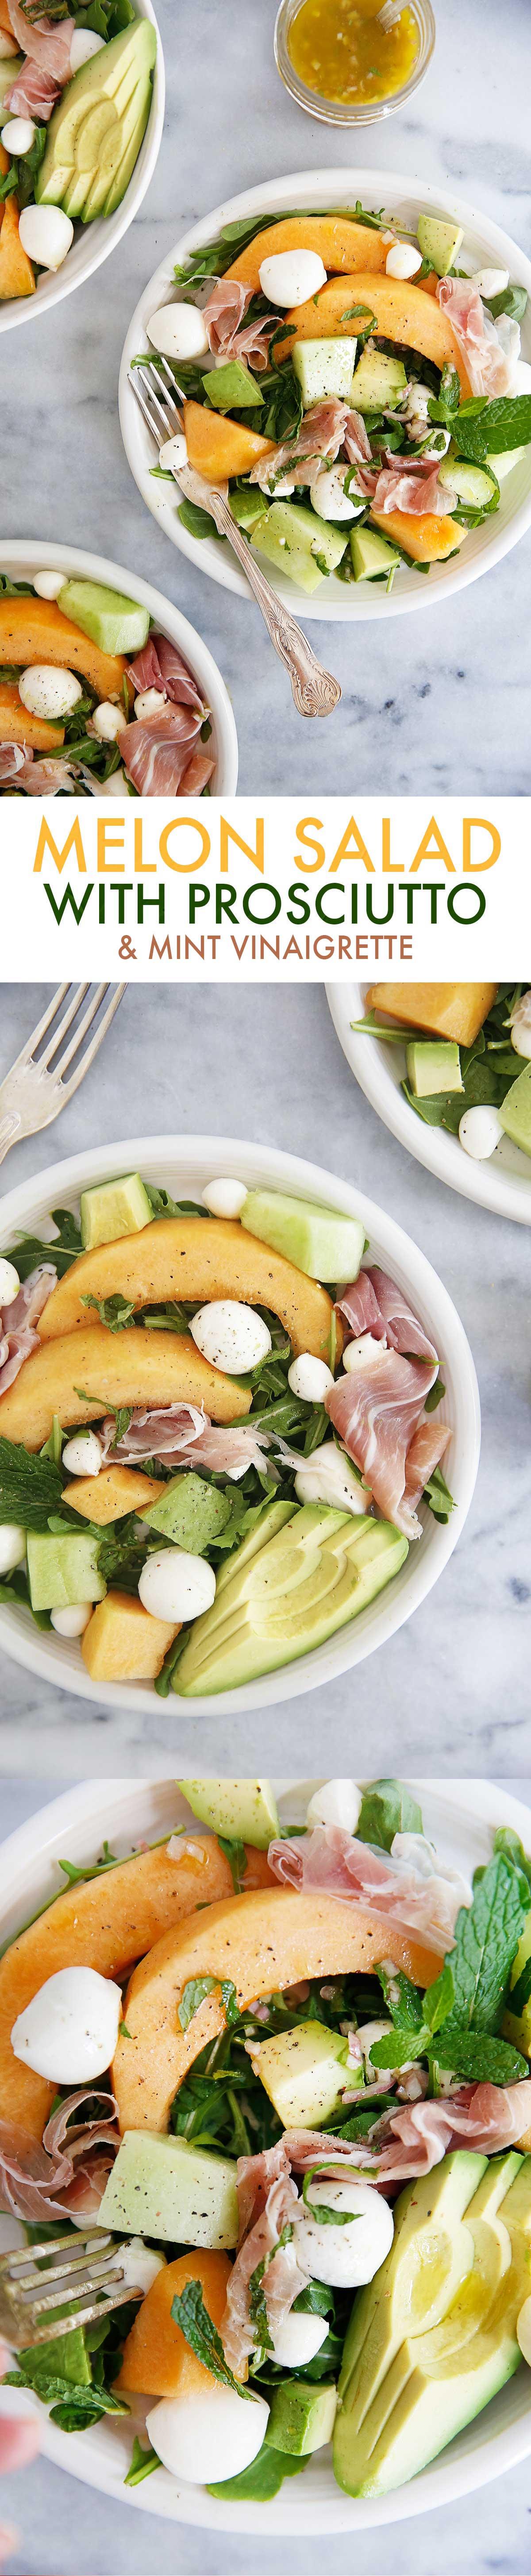 Melon and Prosciutto Salad   Lexi's Clean Kitchen